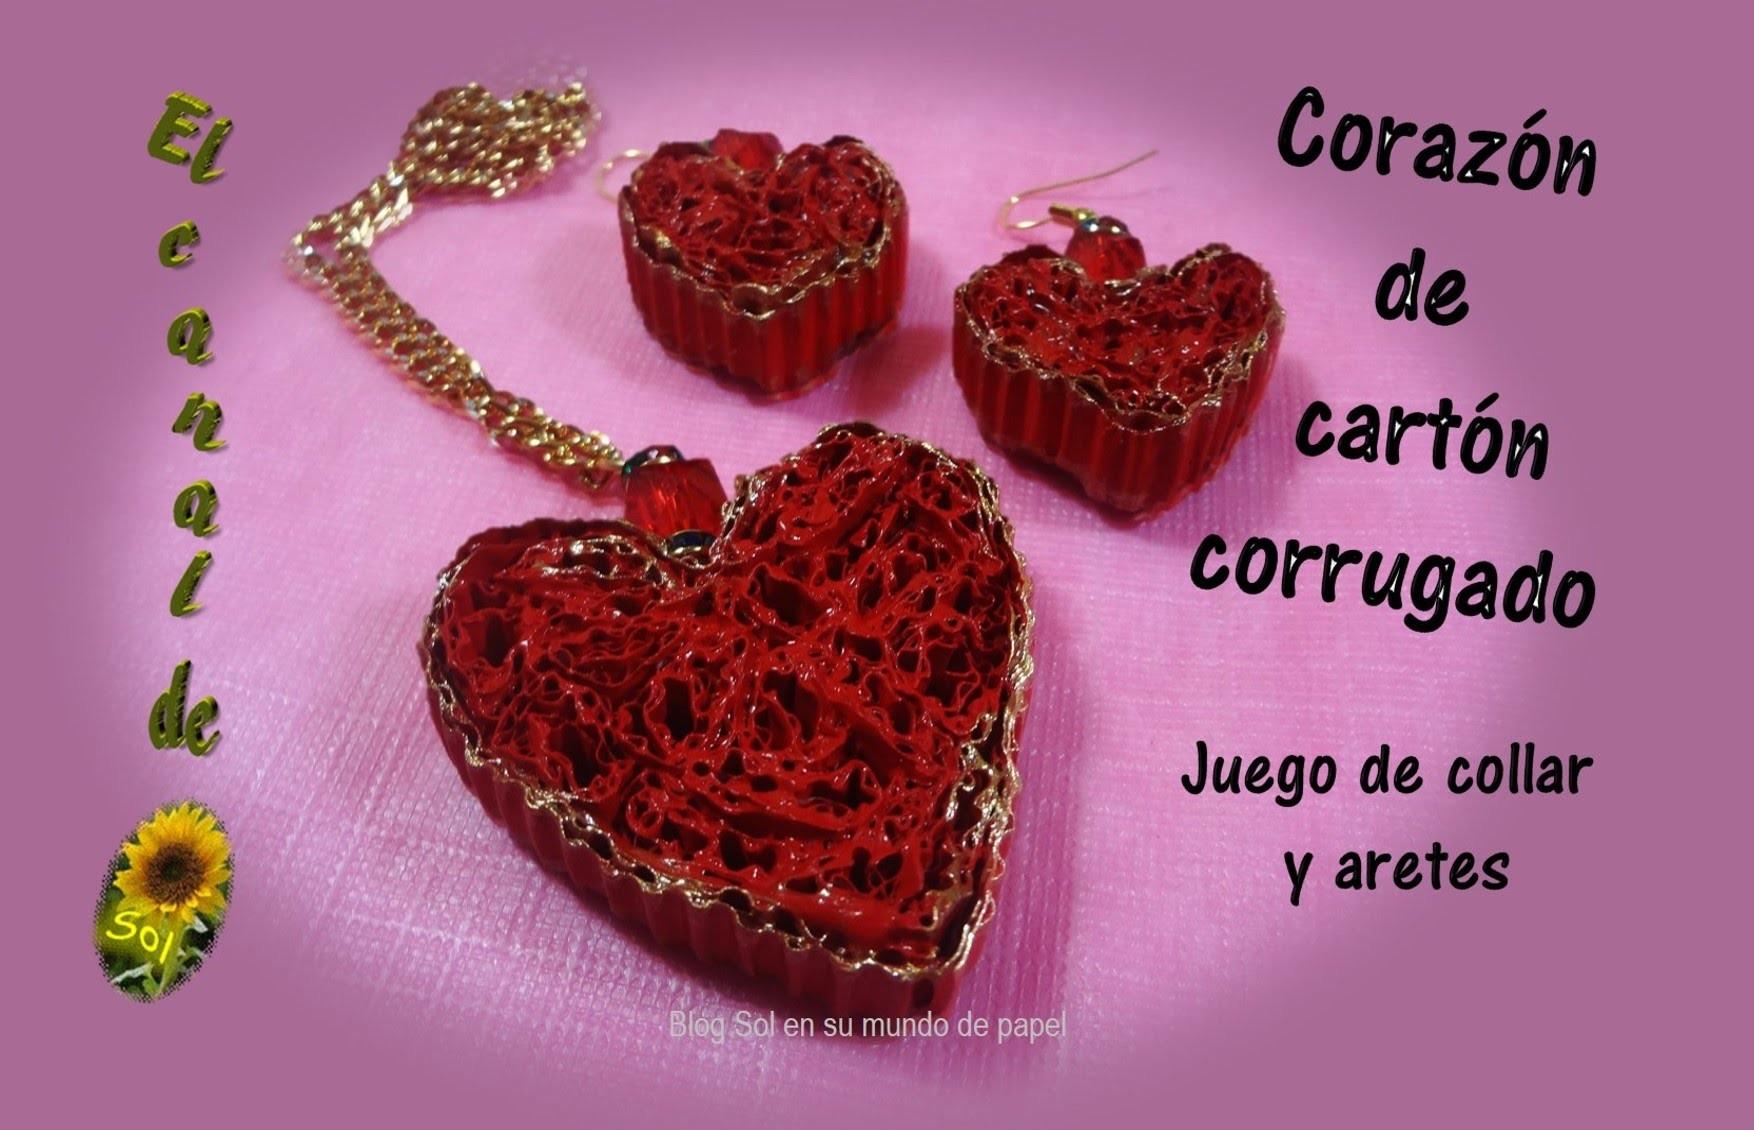 Corazón de cartón corrugado, juego de collar y aretes - Heart of corrugated cardboard,